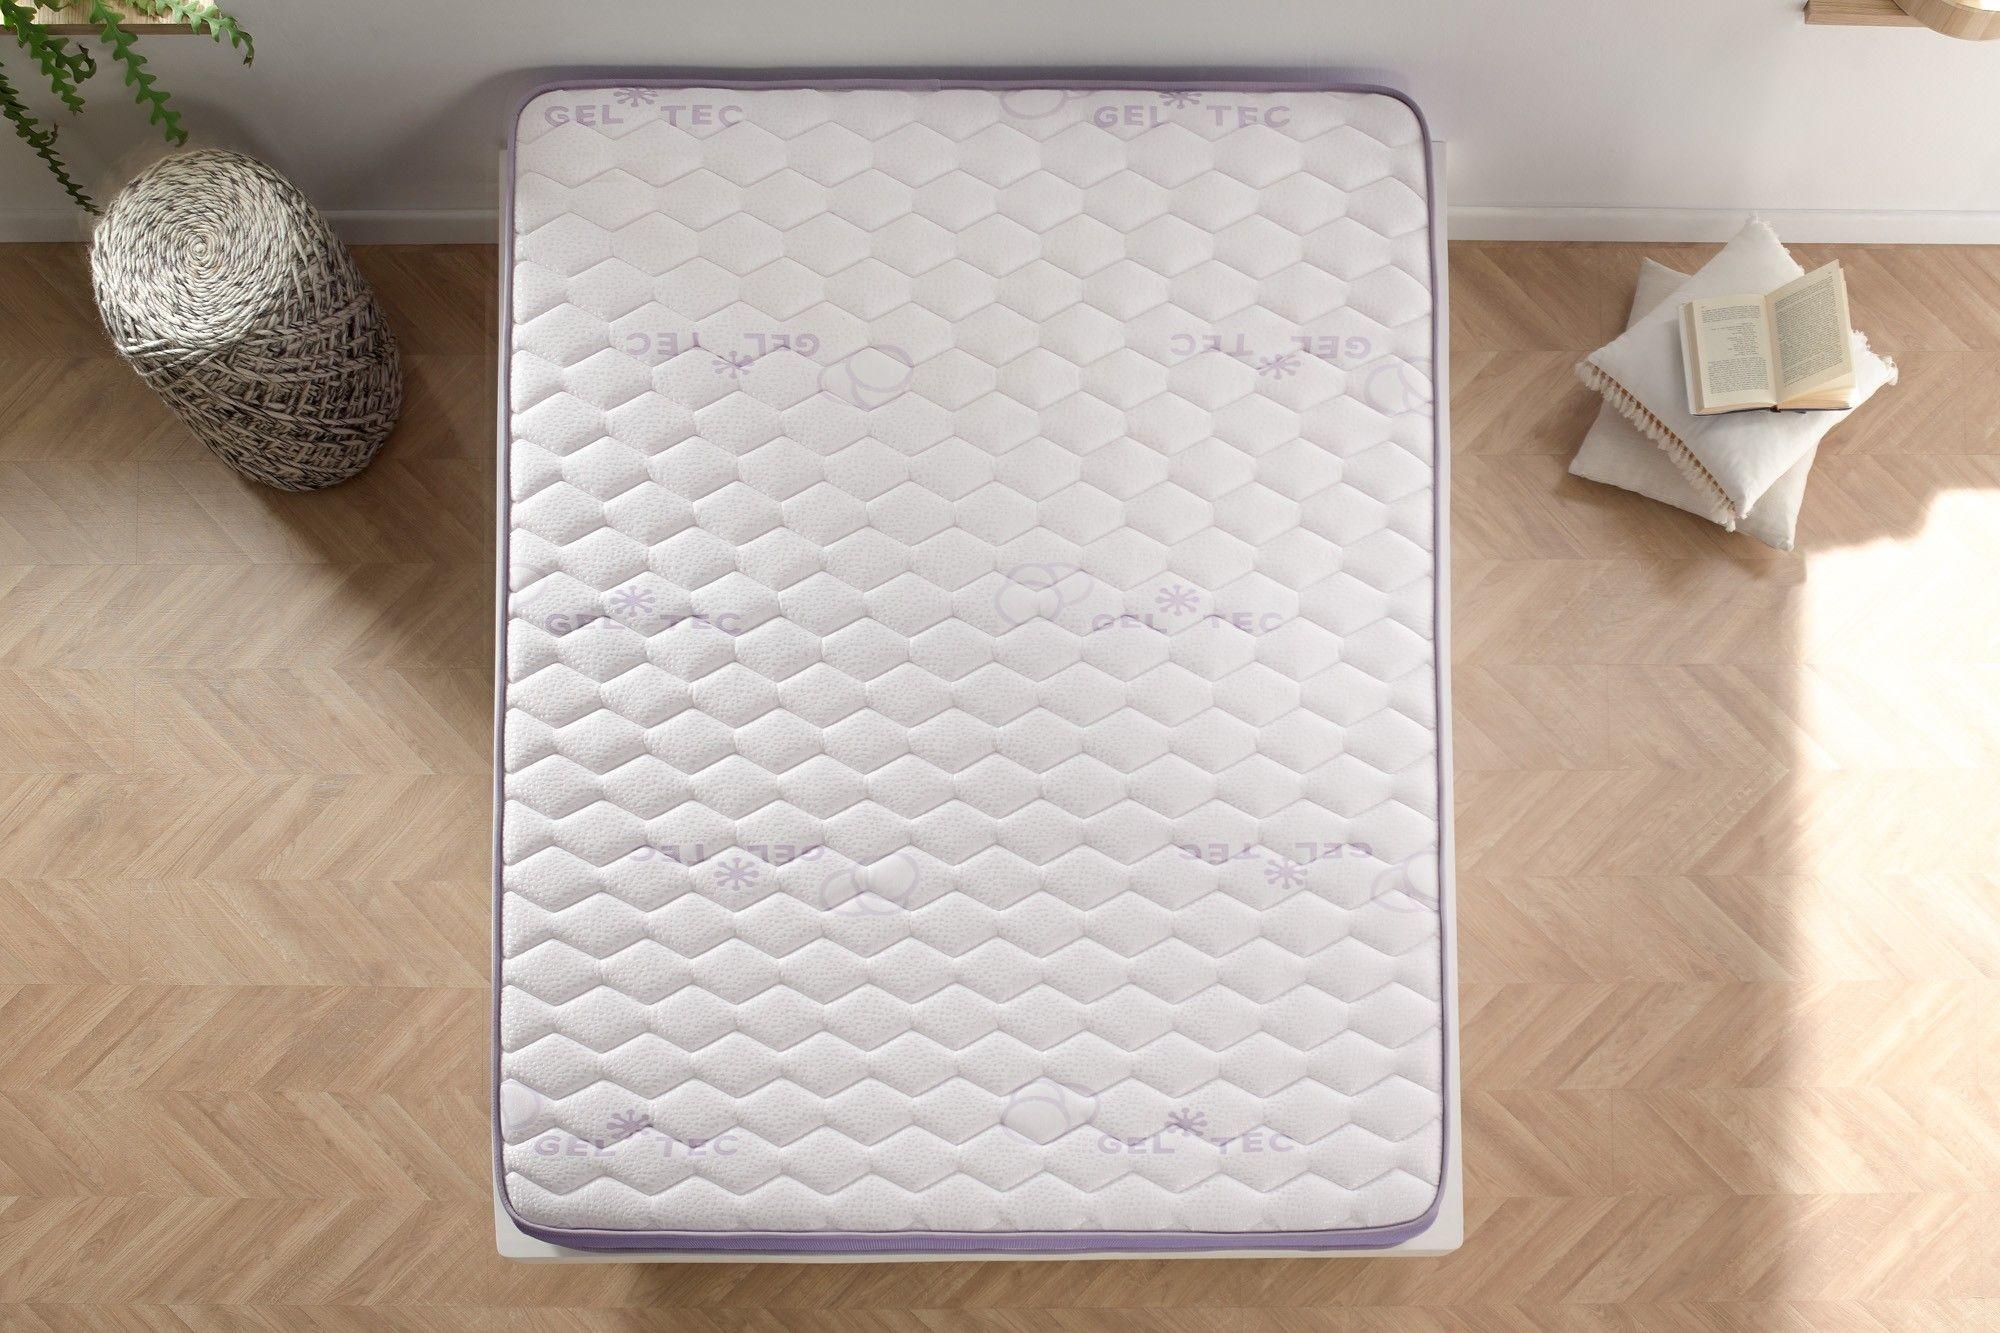 Tiene una regulación térmica que te permitirá dormir bien tanto en verano como en invierno.